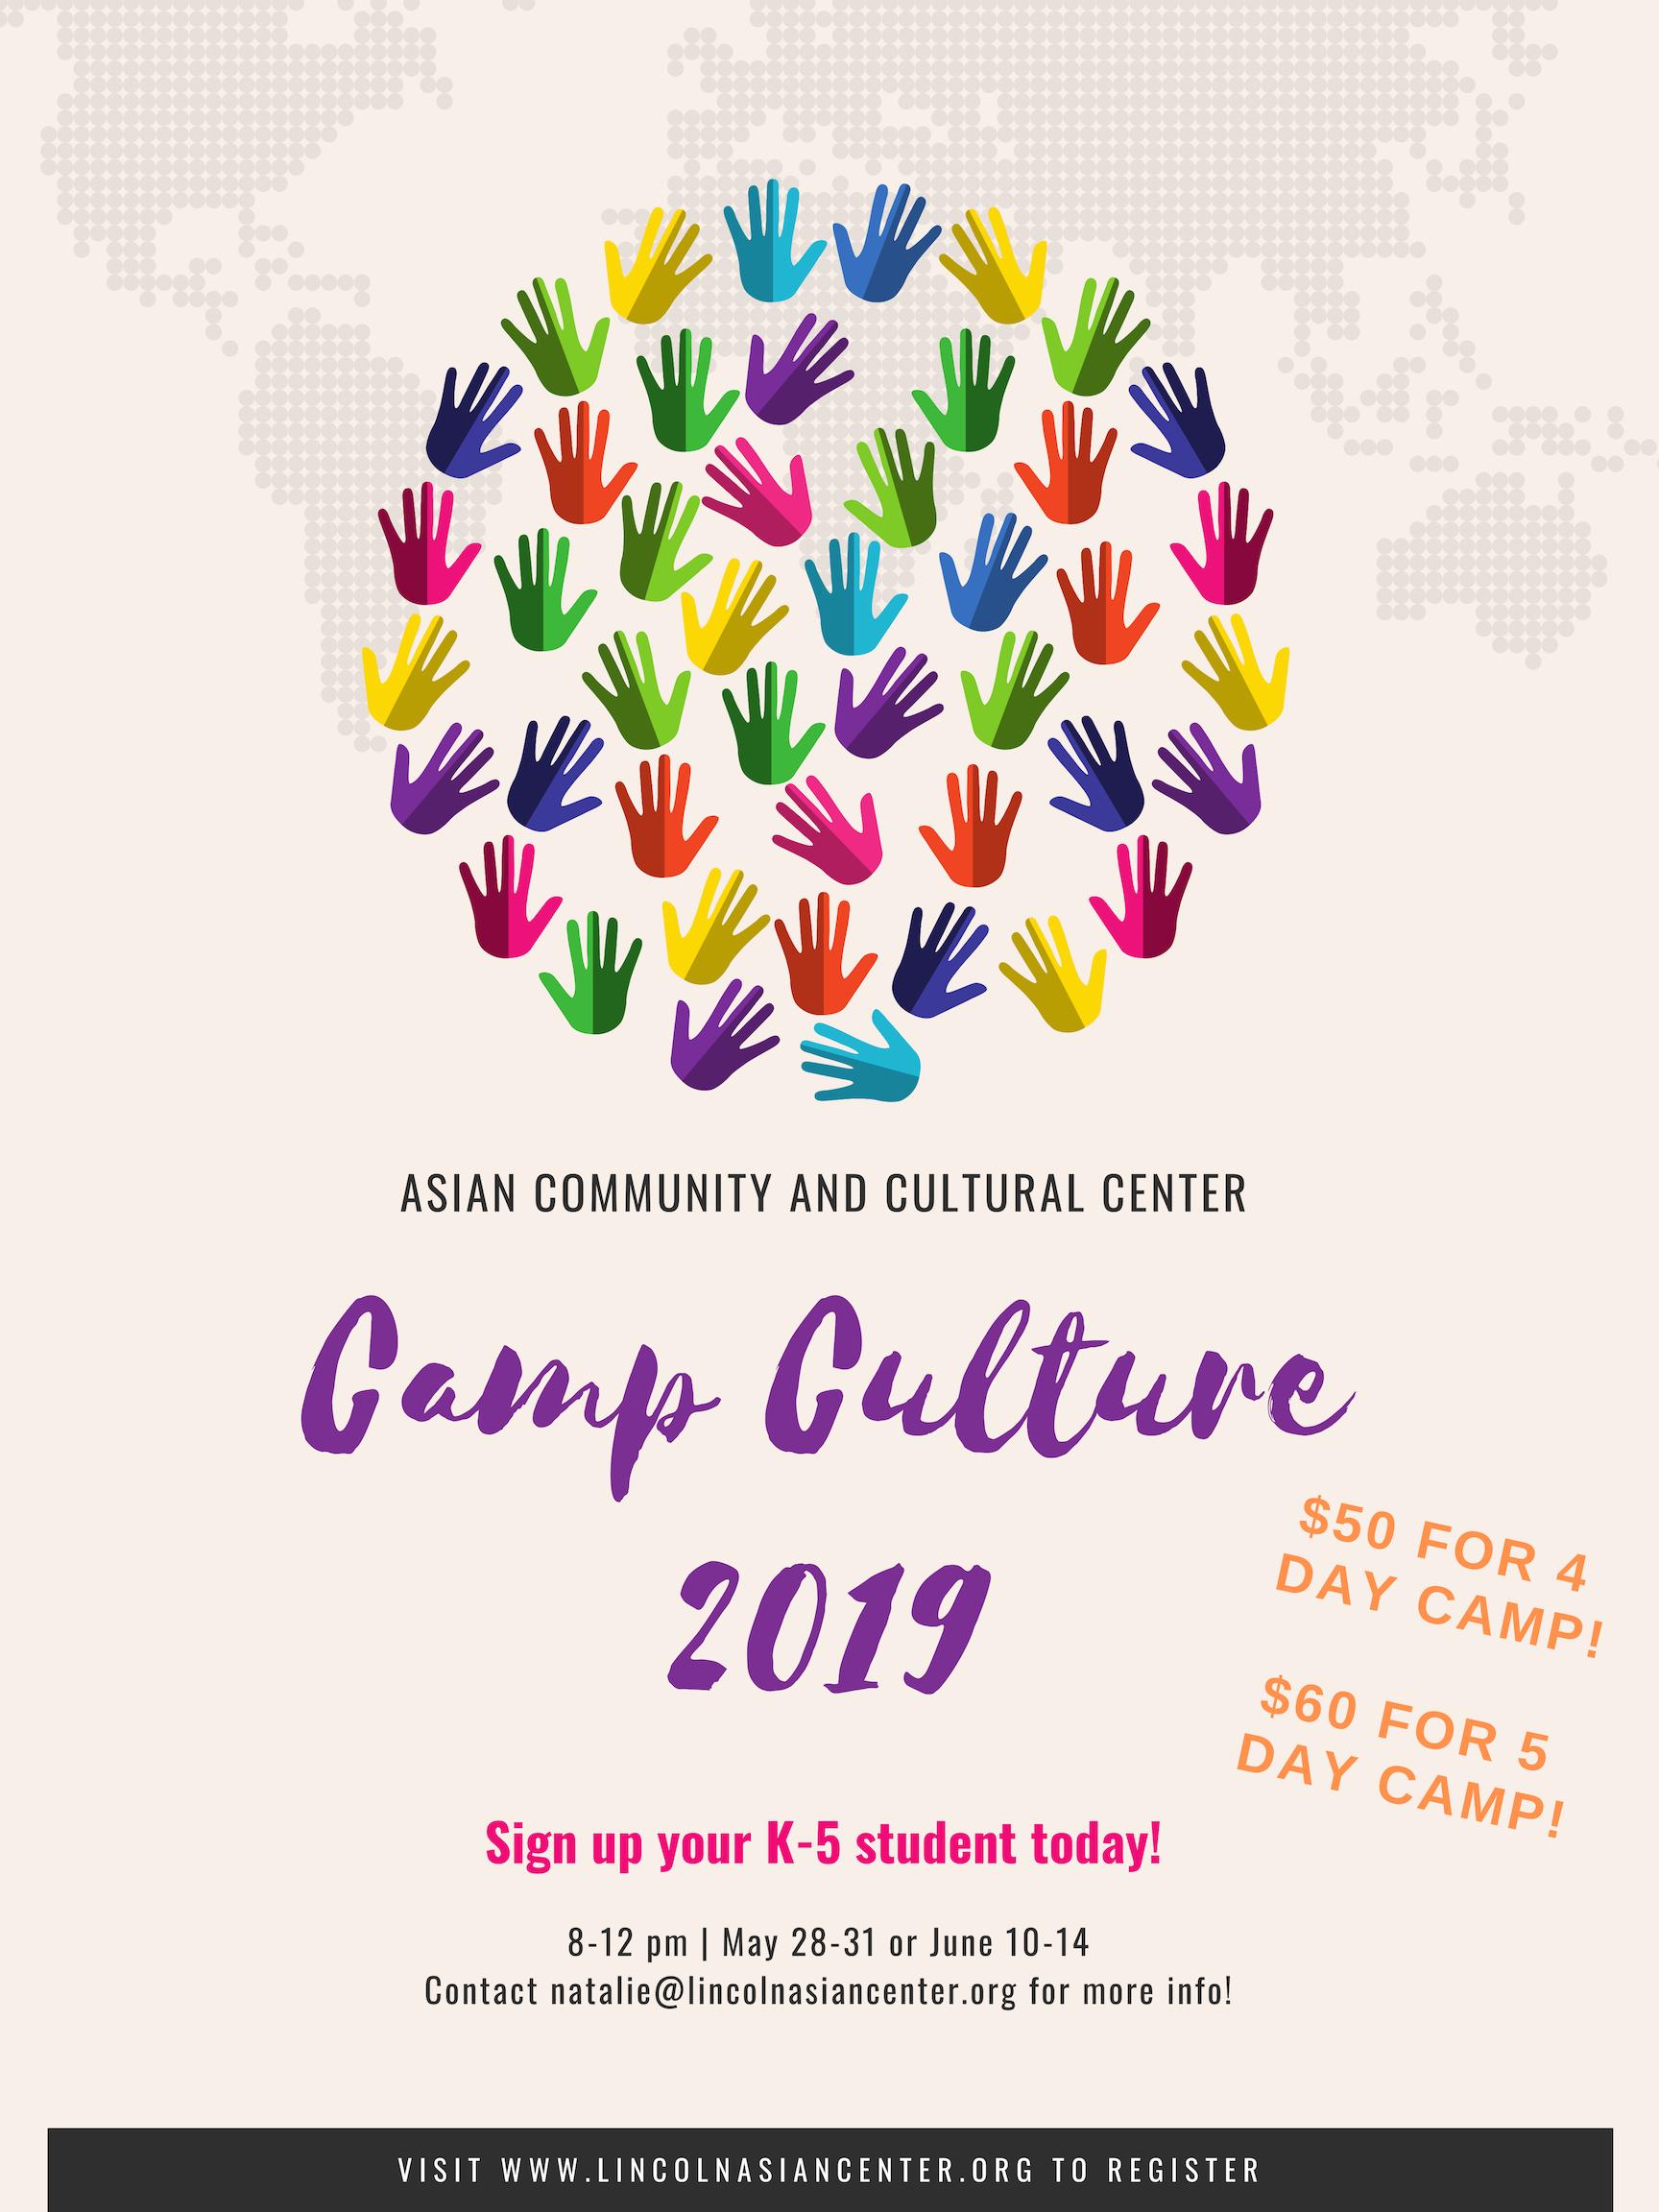 Camp Culture 2019